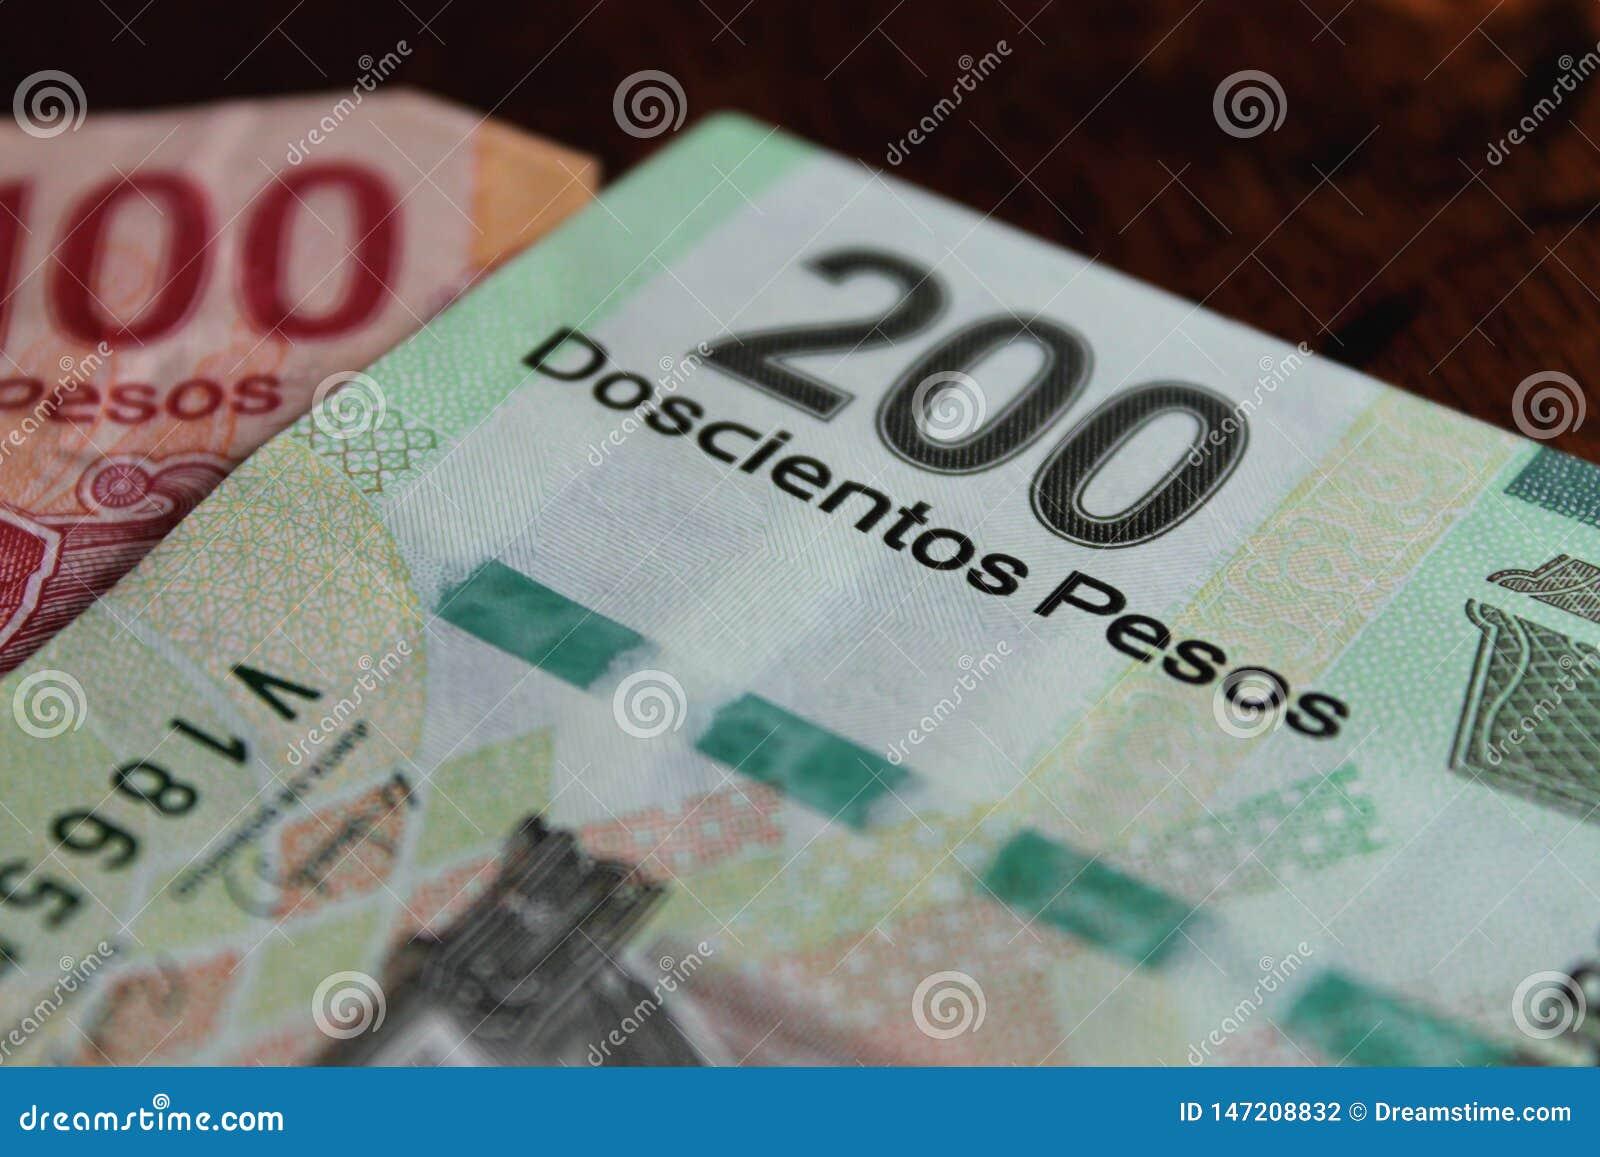 Meksyka?skich peso notatki na ciemnym tle